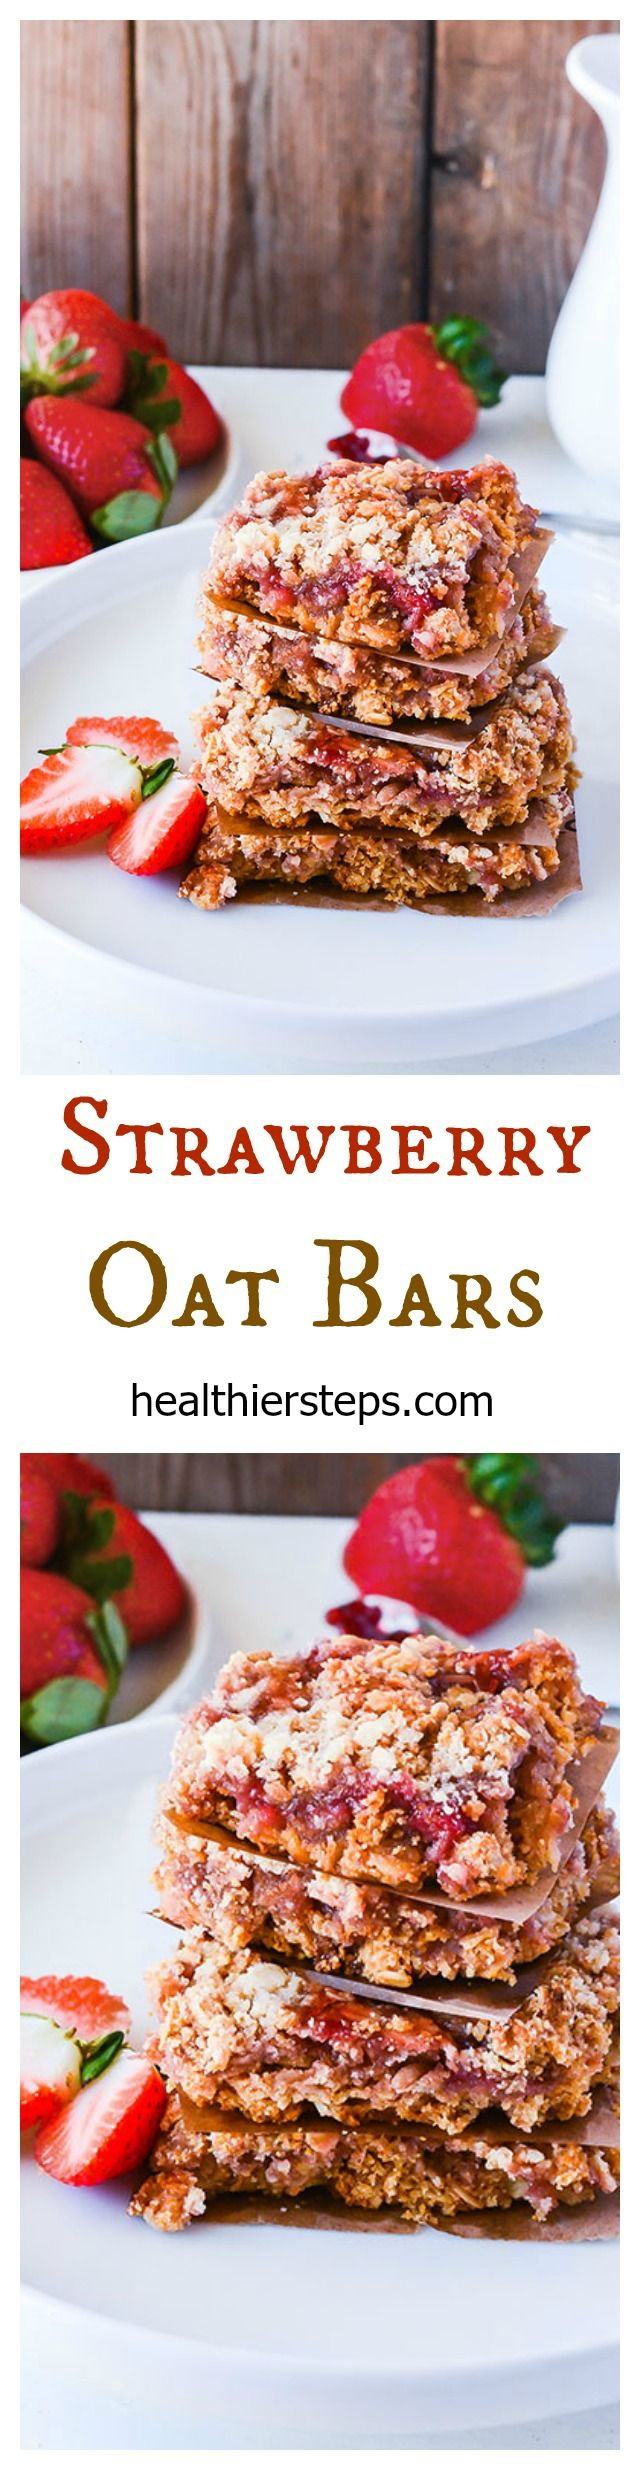 Best 25+ Oat bars ideas on Pinterest | Peanut butter oat ...